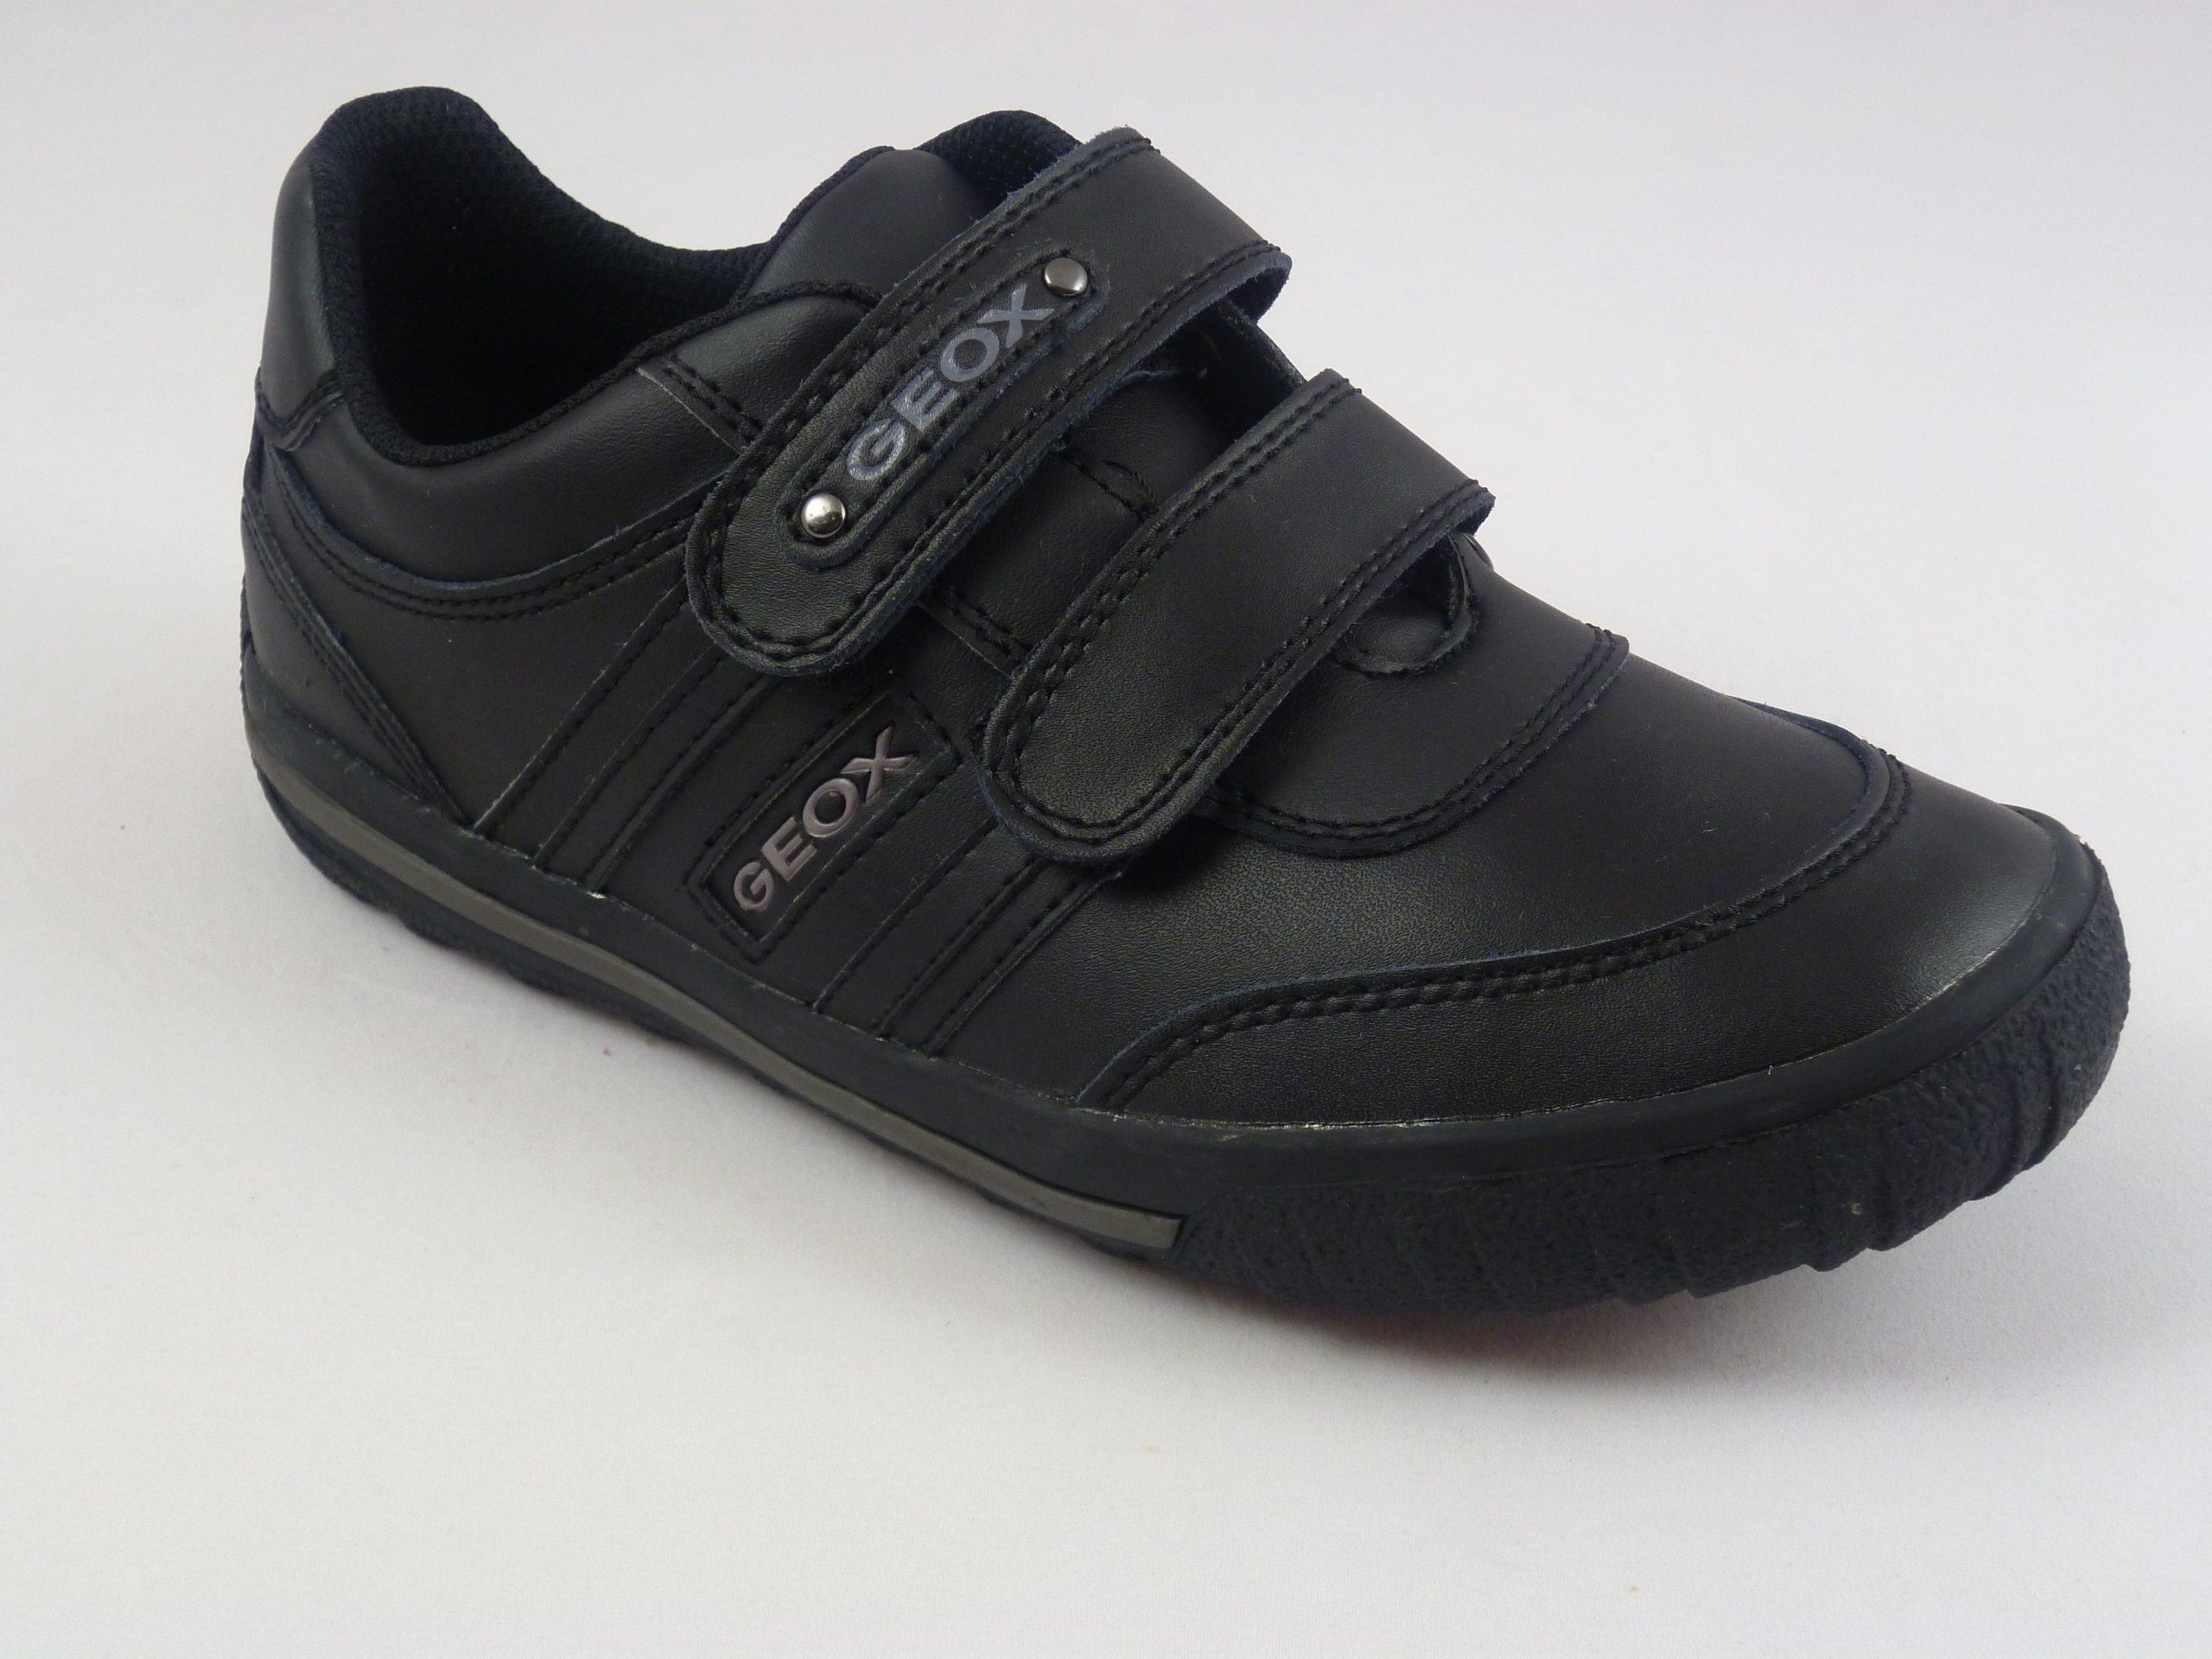 Geox Schuhe für Kinder: Test & Empfehlungen (0820) | BABYWISSEN